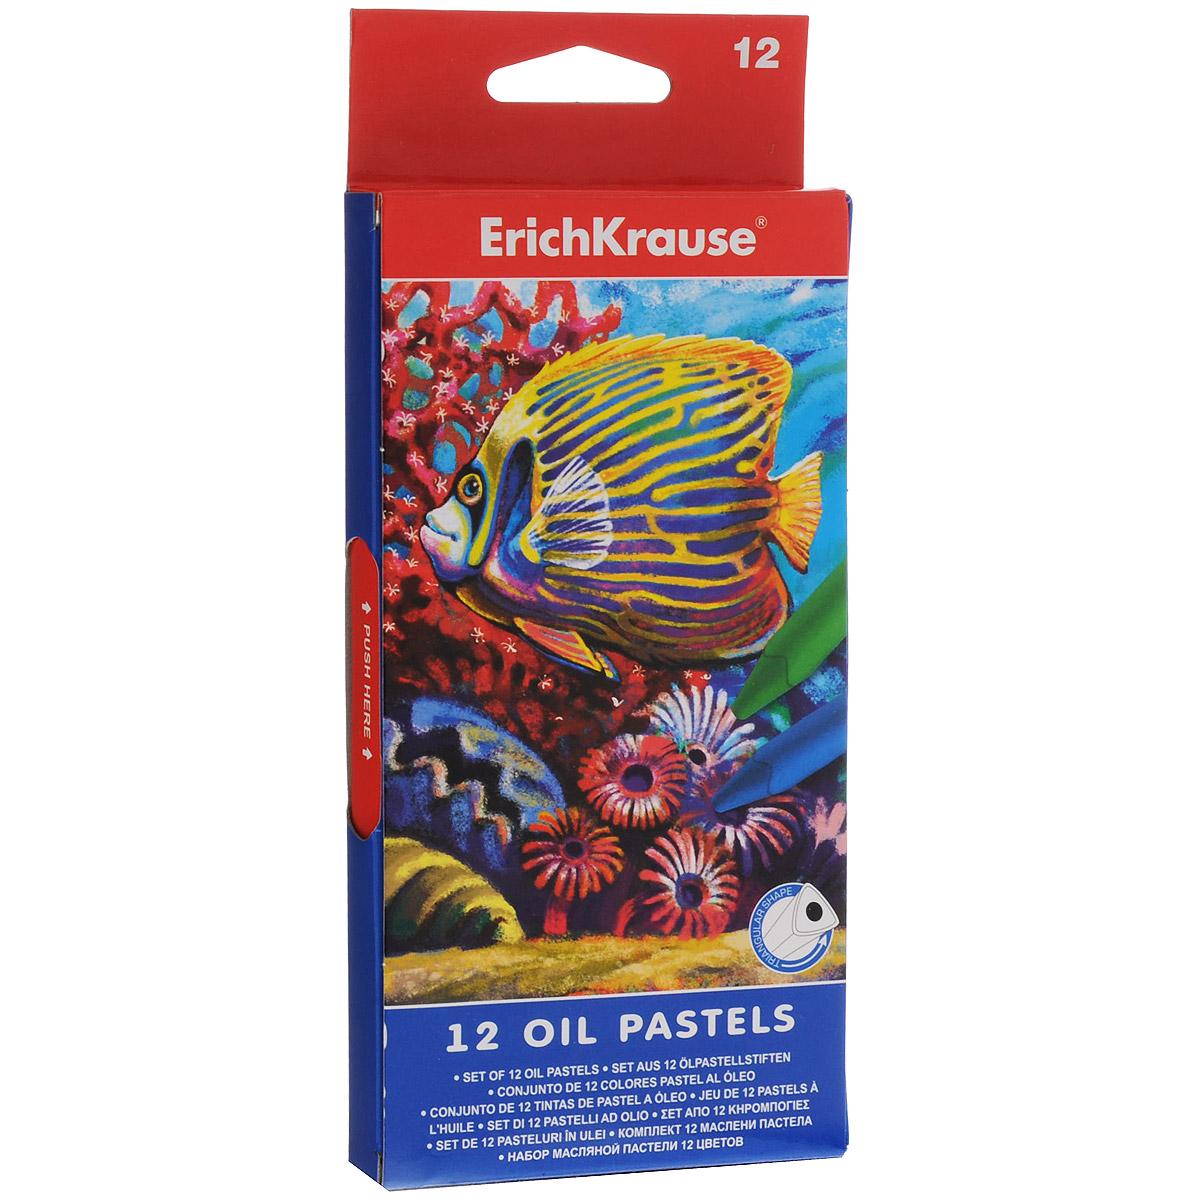 Пастель масляная Erich Krause, 12 цветов. EK 34933EK 34933Пастель масляная Erich Krause предназначена для эскизных и живописных работ. Пастель изготовлена с использованием пигментов и восков. Обладает мягкой текстурой и насыщенными цветами. Не крошится при рисовании, мягко ложится на бумагу. Каждый мелок в индивидуальной бумажной обертке. Длина мелка: 7,5 см.